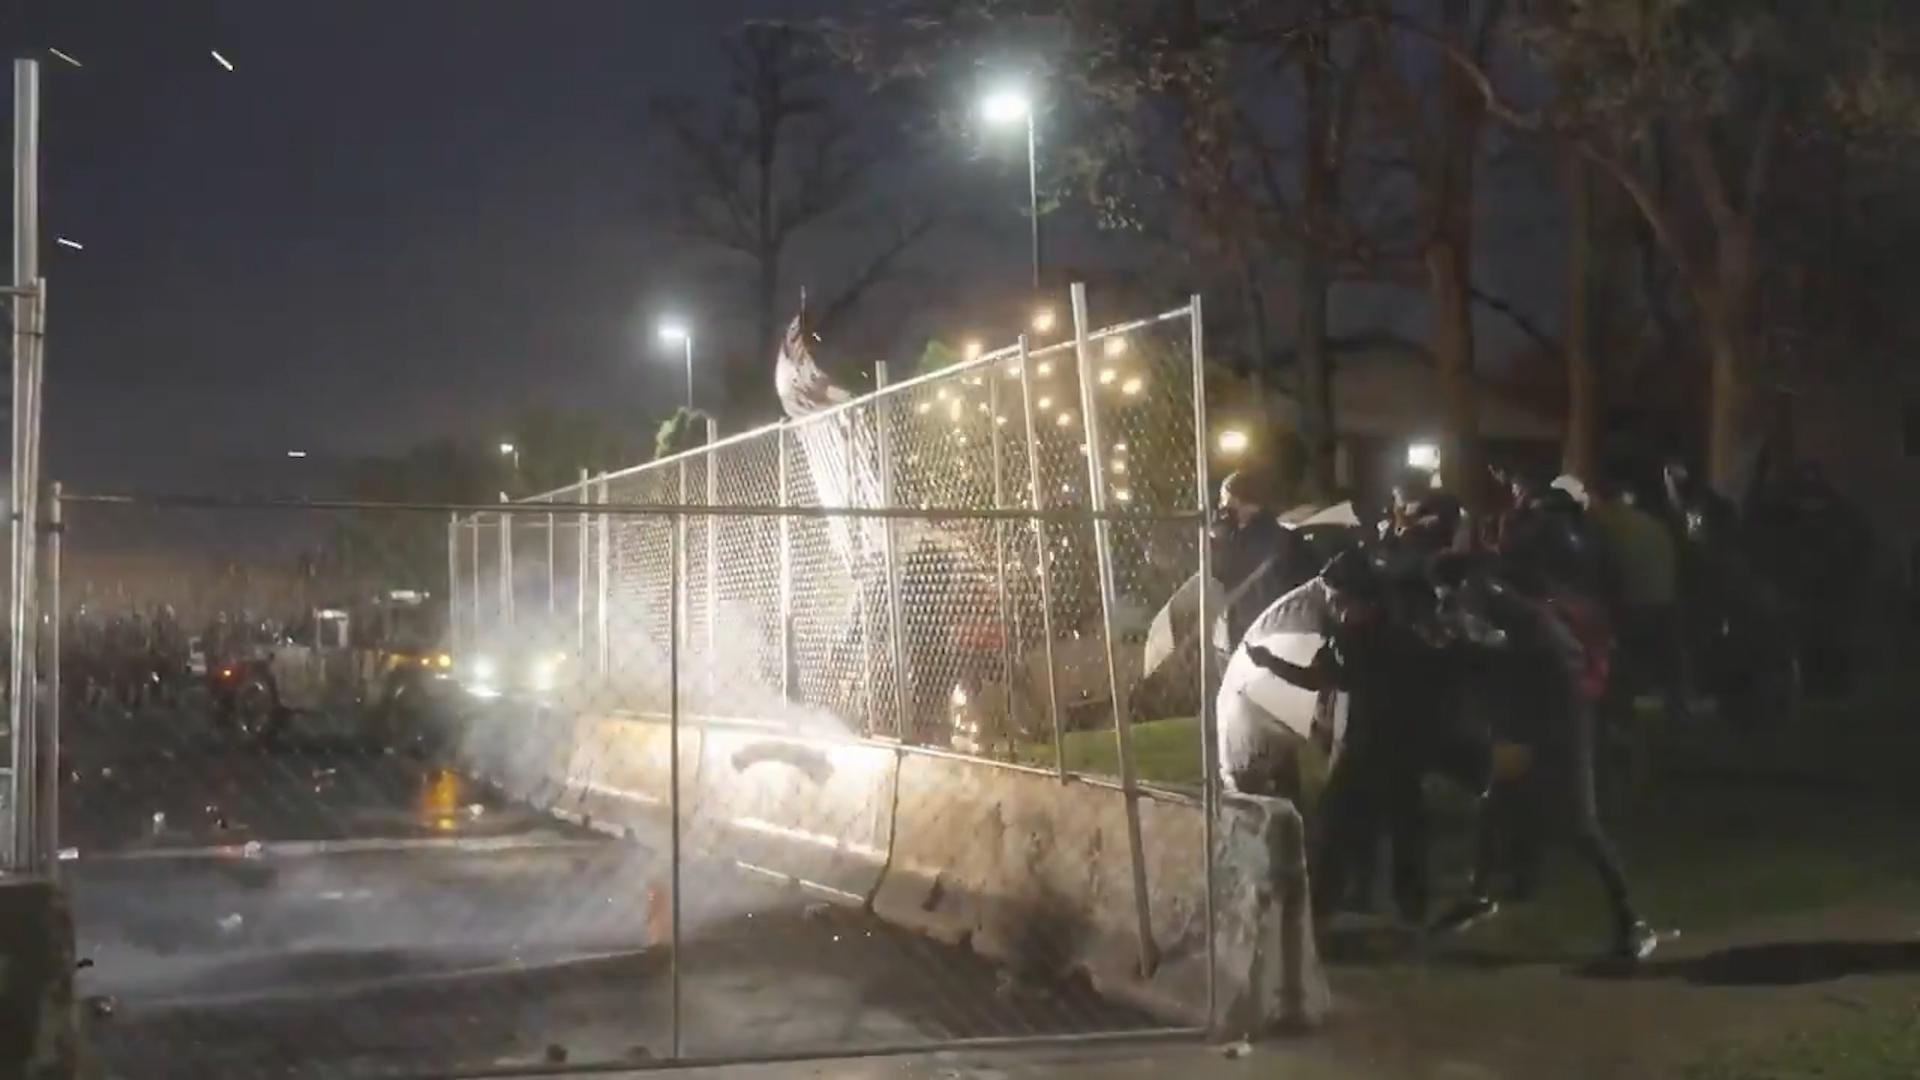 Вандализм и стычки с полицией: в Миннесоте второй день продолжаются беспорядки после убийства темнокожего  видео